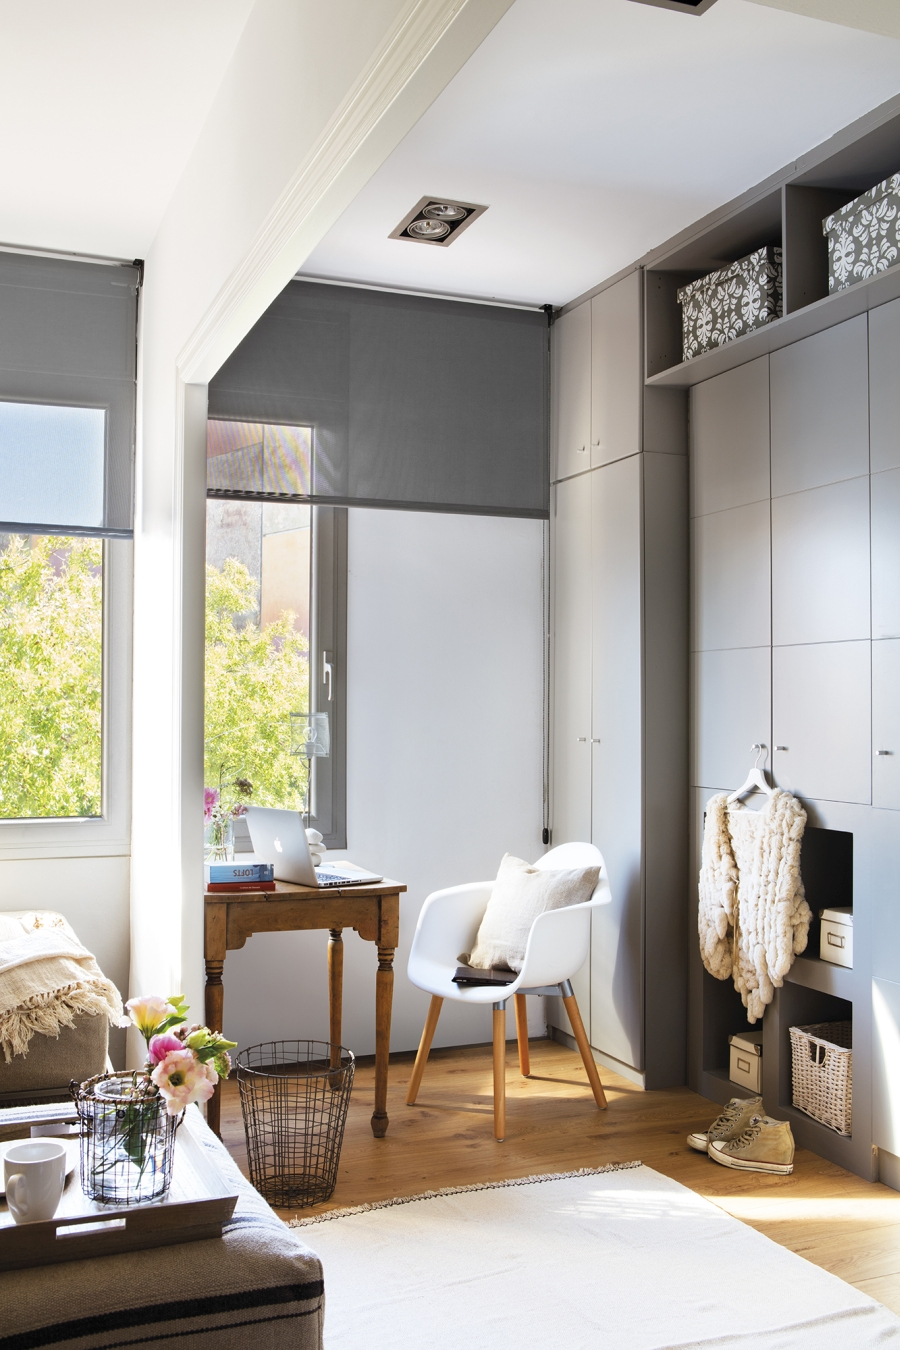 Mieszkanie w skandynawsko - industrialnym stylu, wystrój wnętrz, wnętrza, urządzanie domu, dekoracje wnętrz, aranżacja wnętrz, inspiracje wnętrz,interior design , dom i wnętrze, aranżacja mieszkania, modne wnętrza, styl skandynawski, styl industrialny, szary pokój